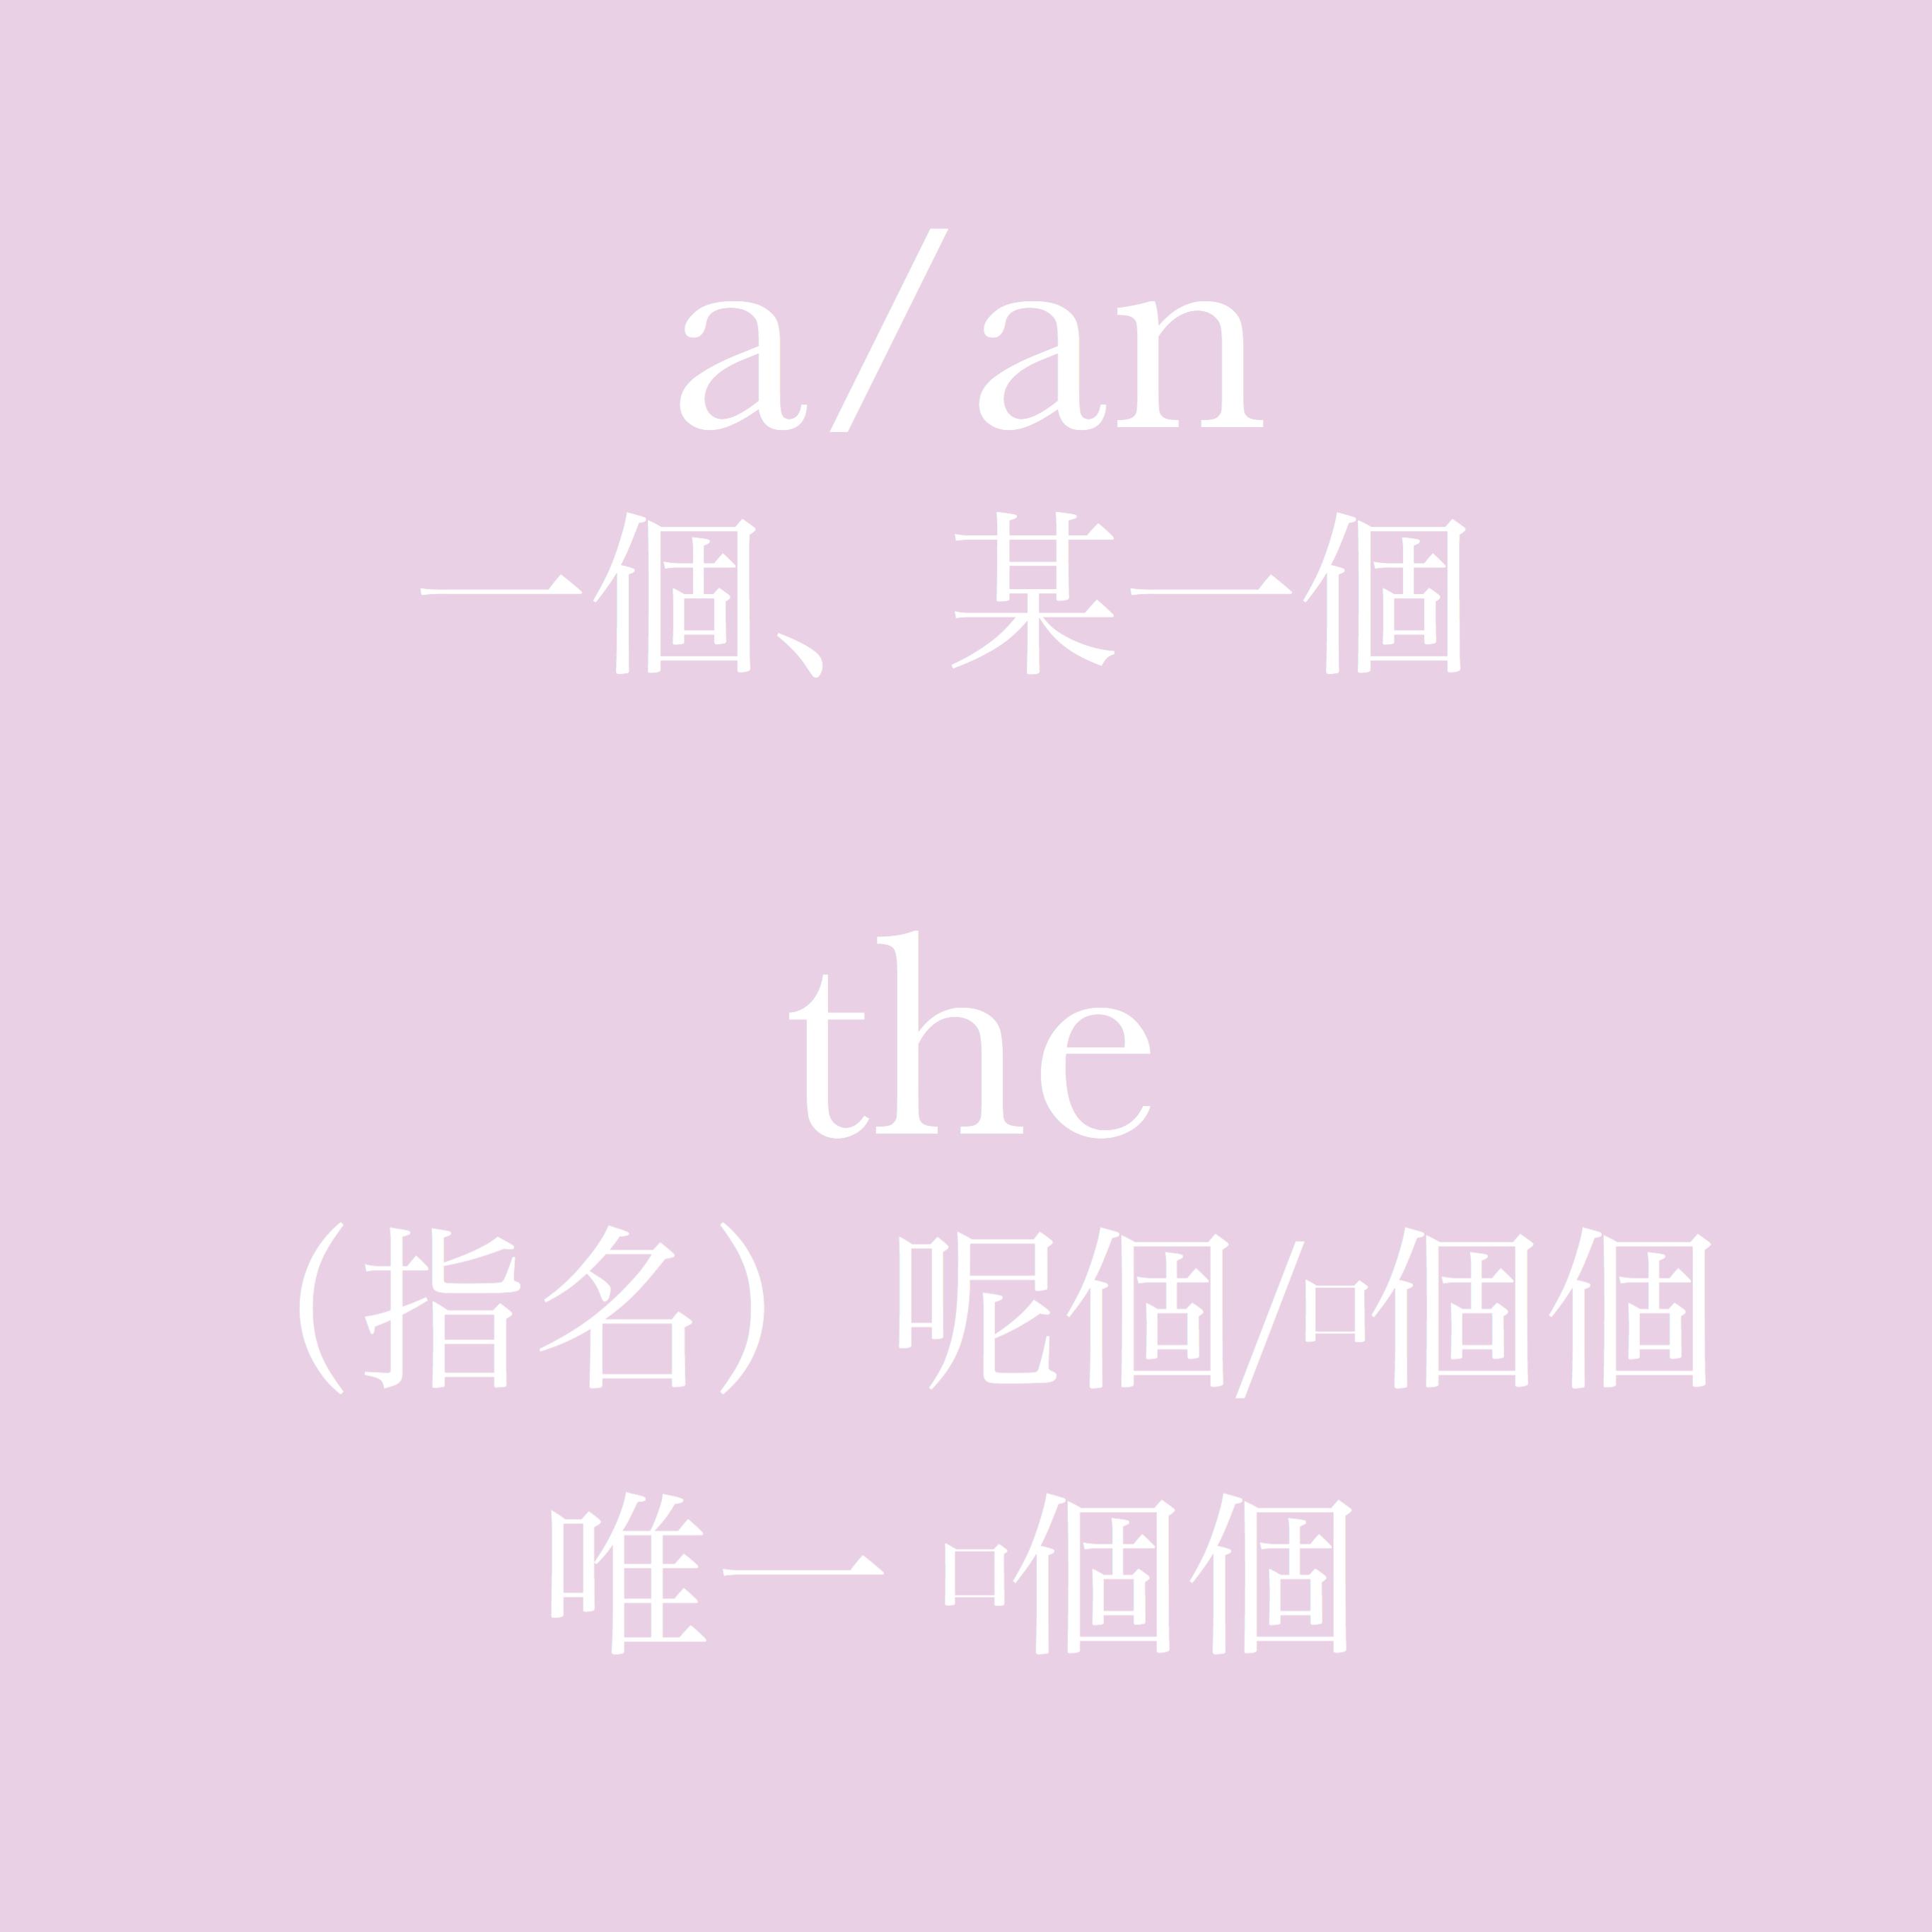 每日一字 : a / an /the